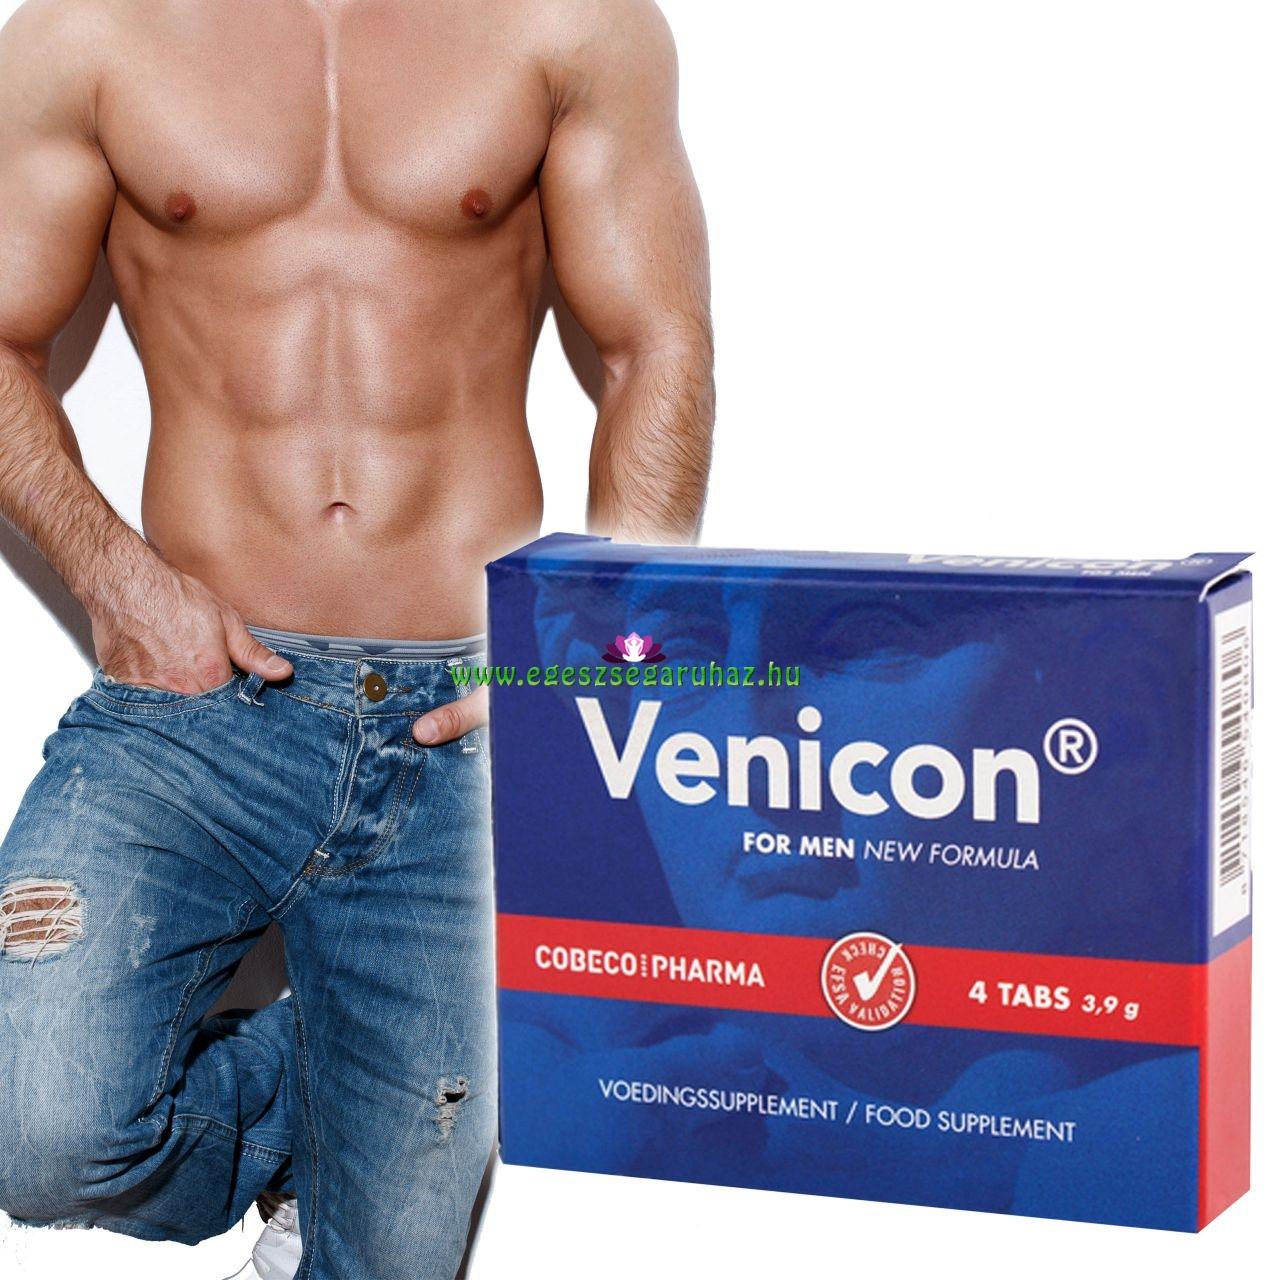 gyors és tabletták nélküli erekció